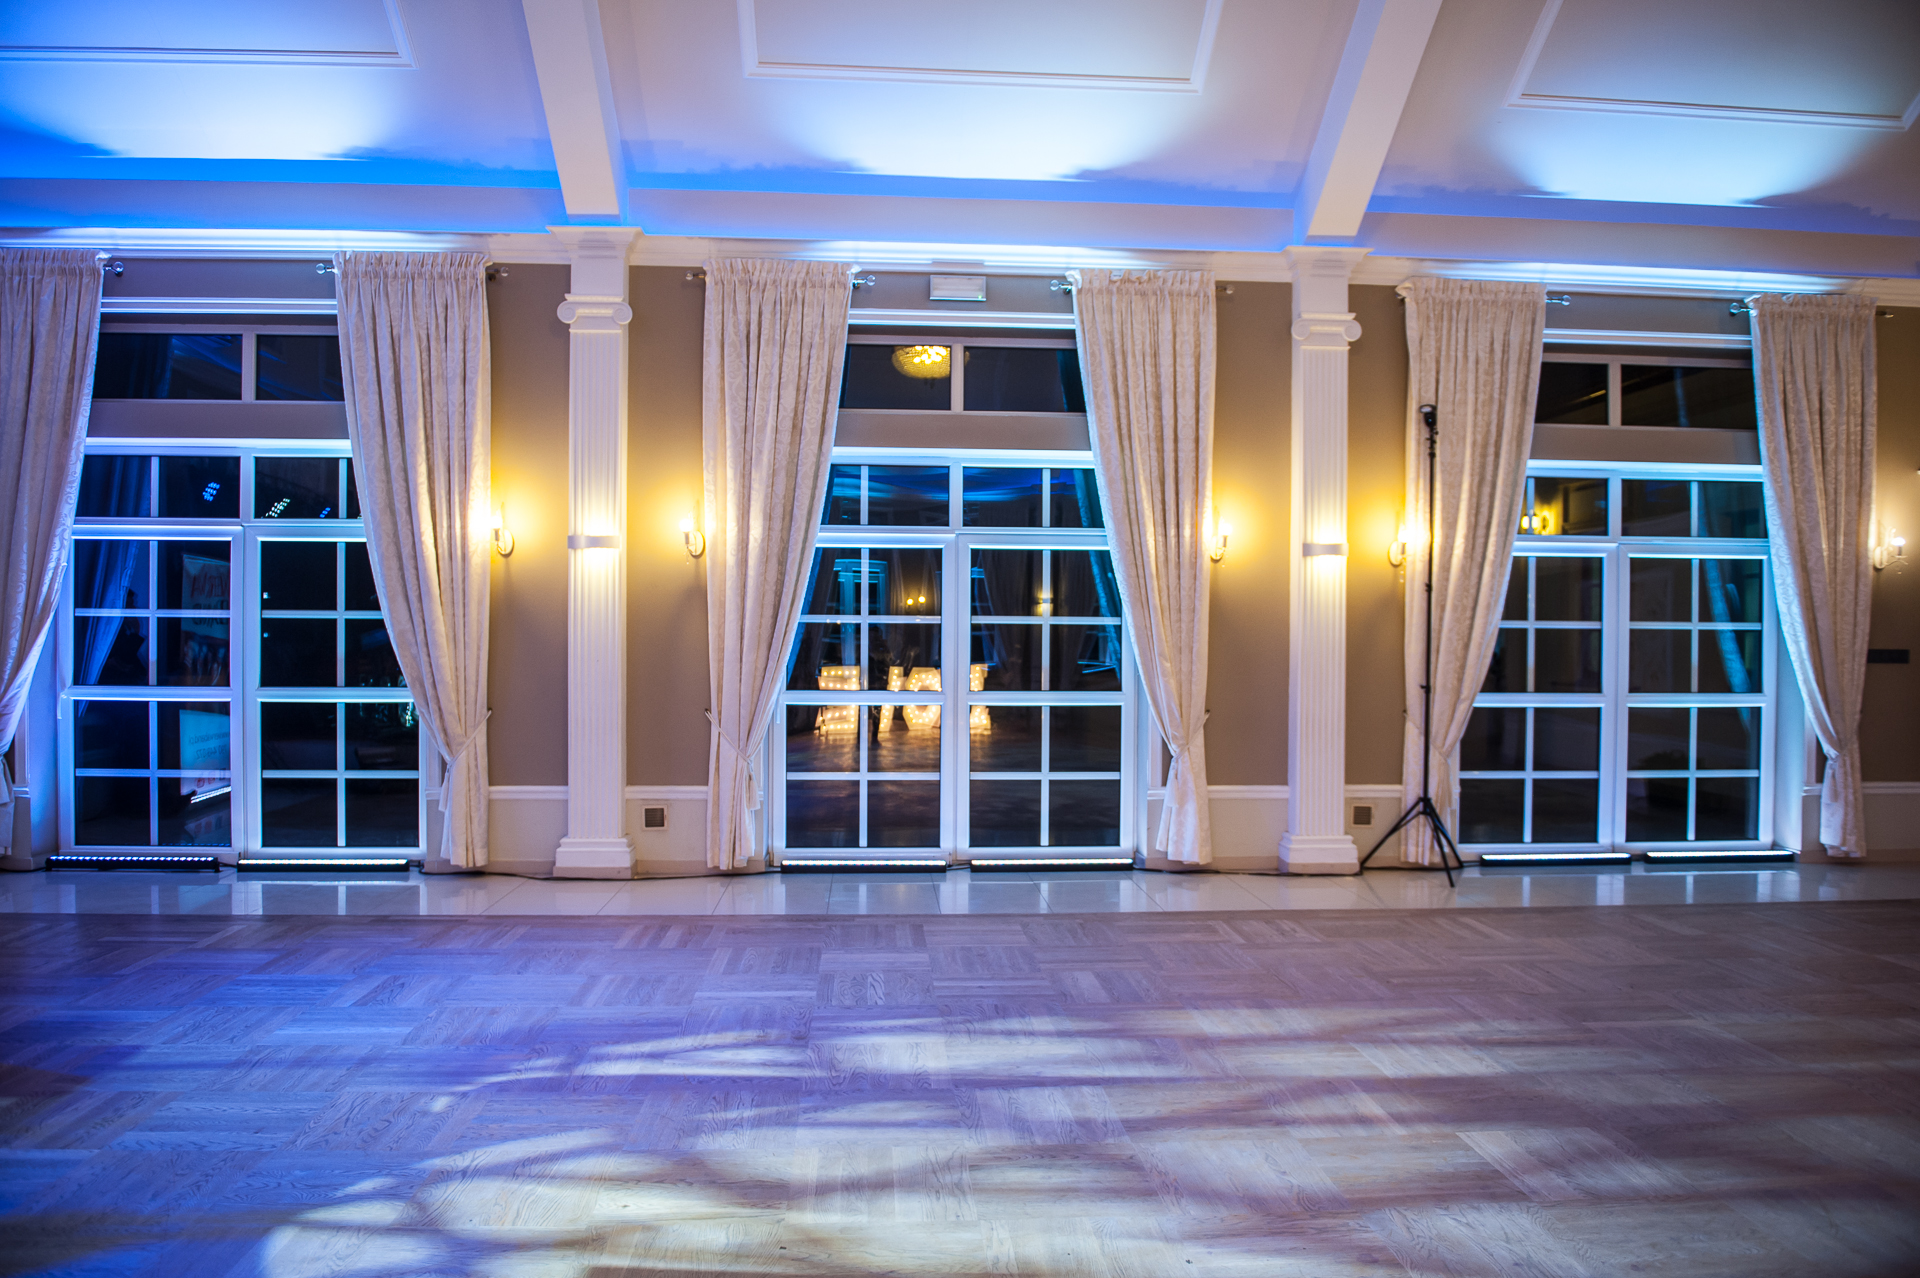 Dekoracja światłem sali Panorama w Wiśniczu koło Bochni